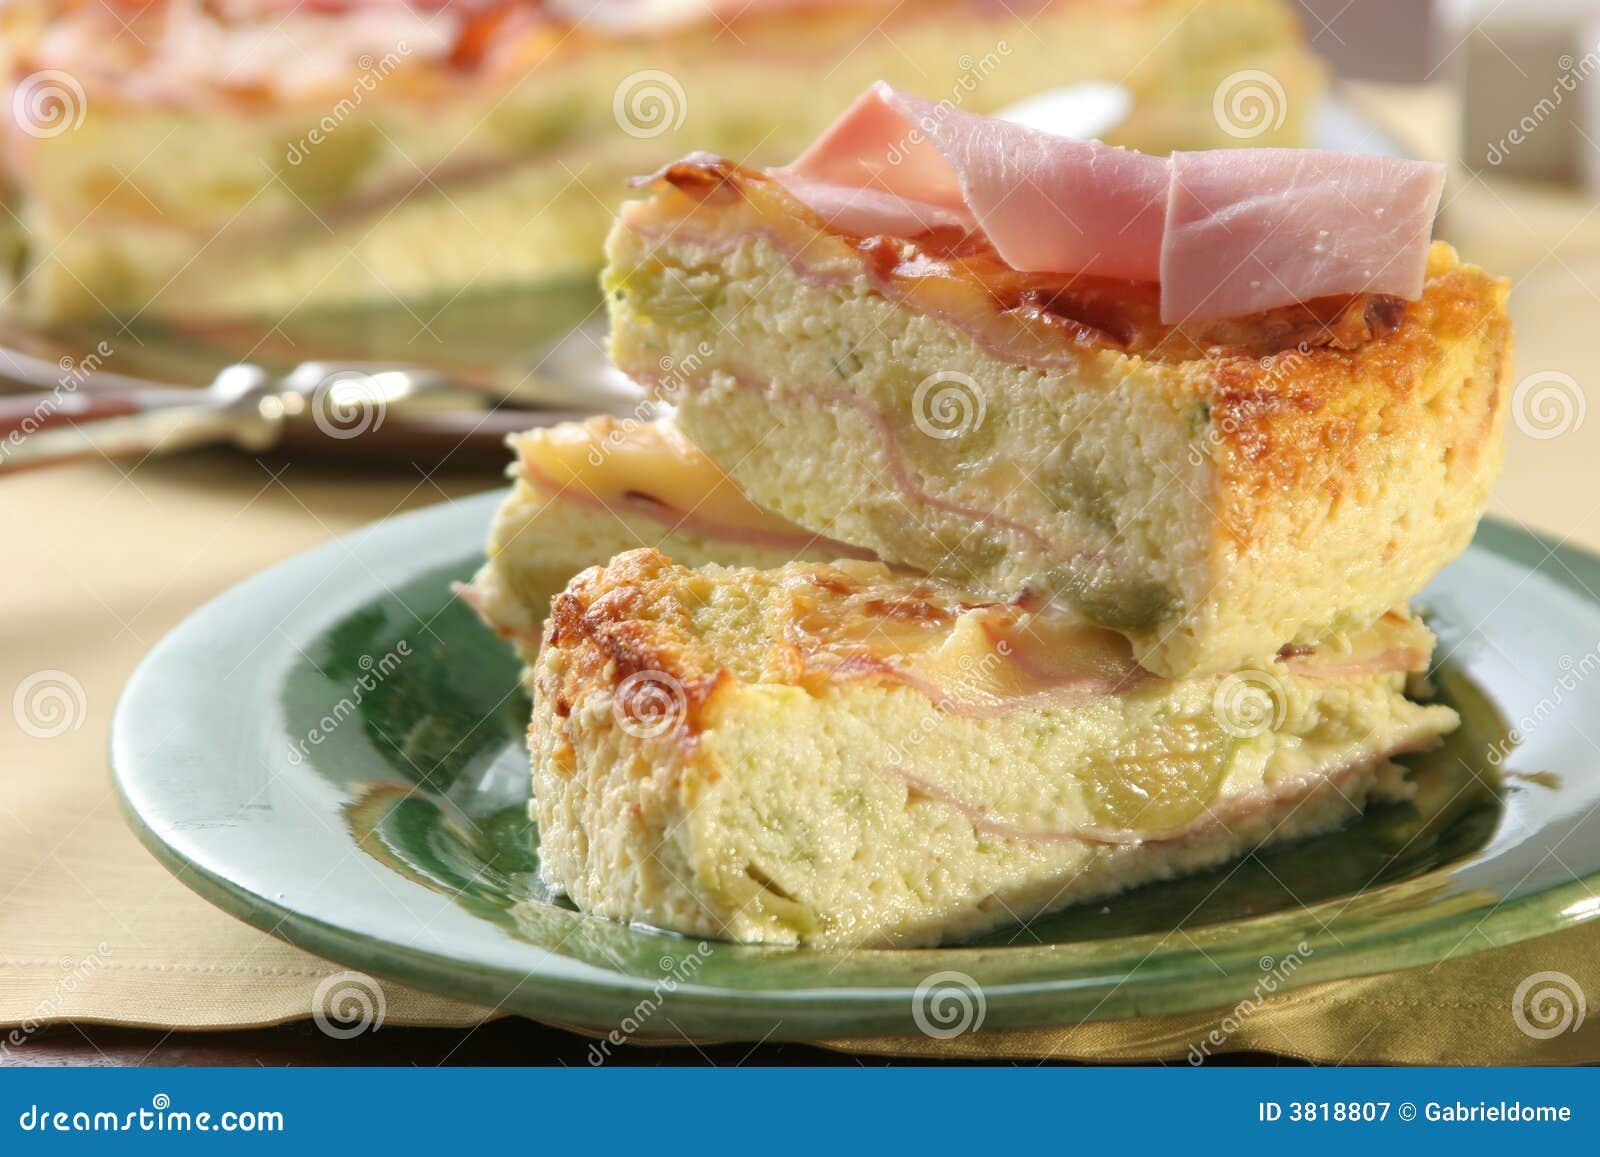 Spargel Auflauf Stockbild Bild Von Gaststatte Diat Abendessen